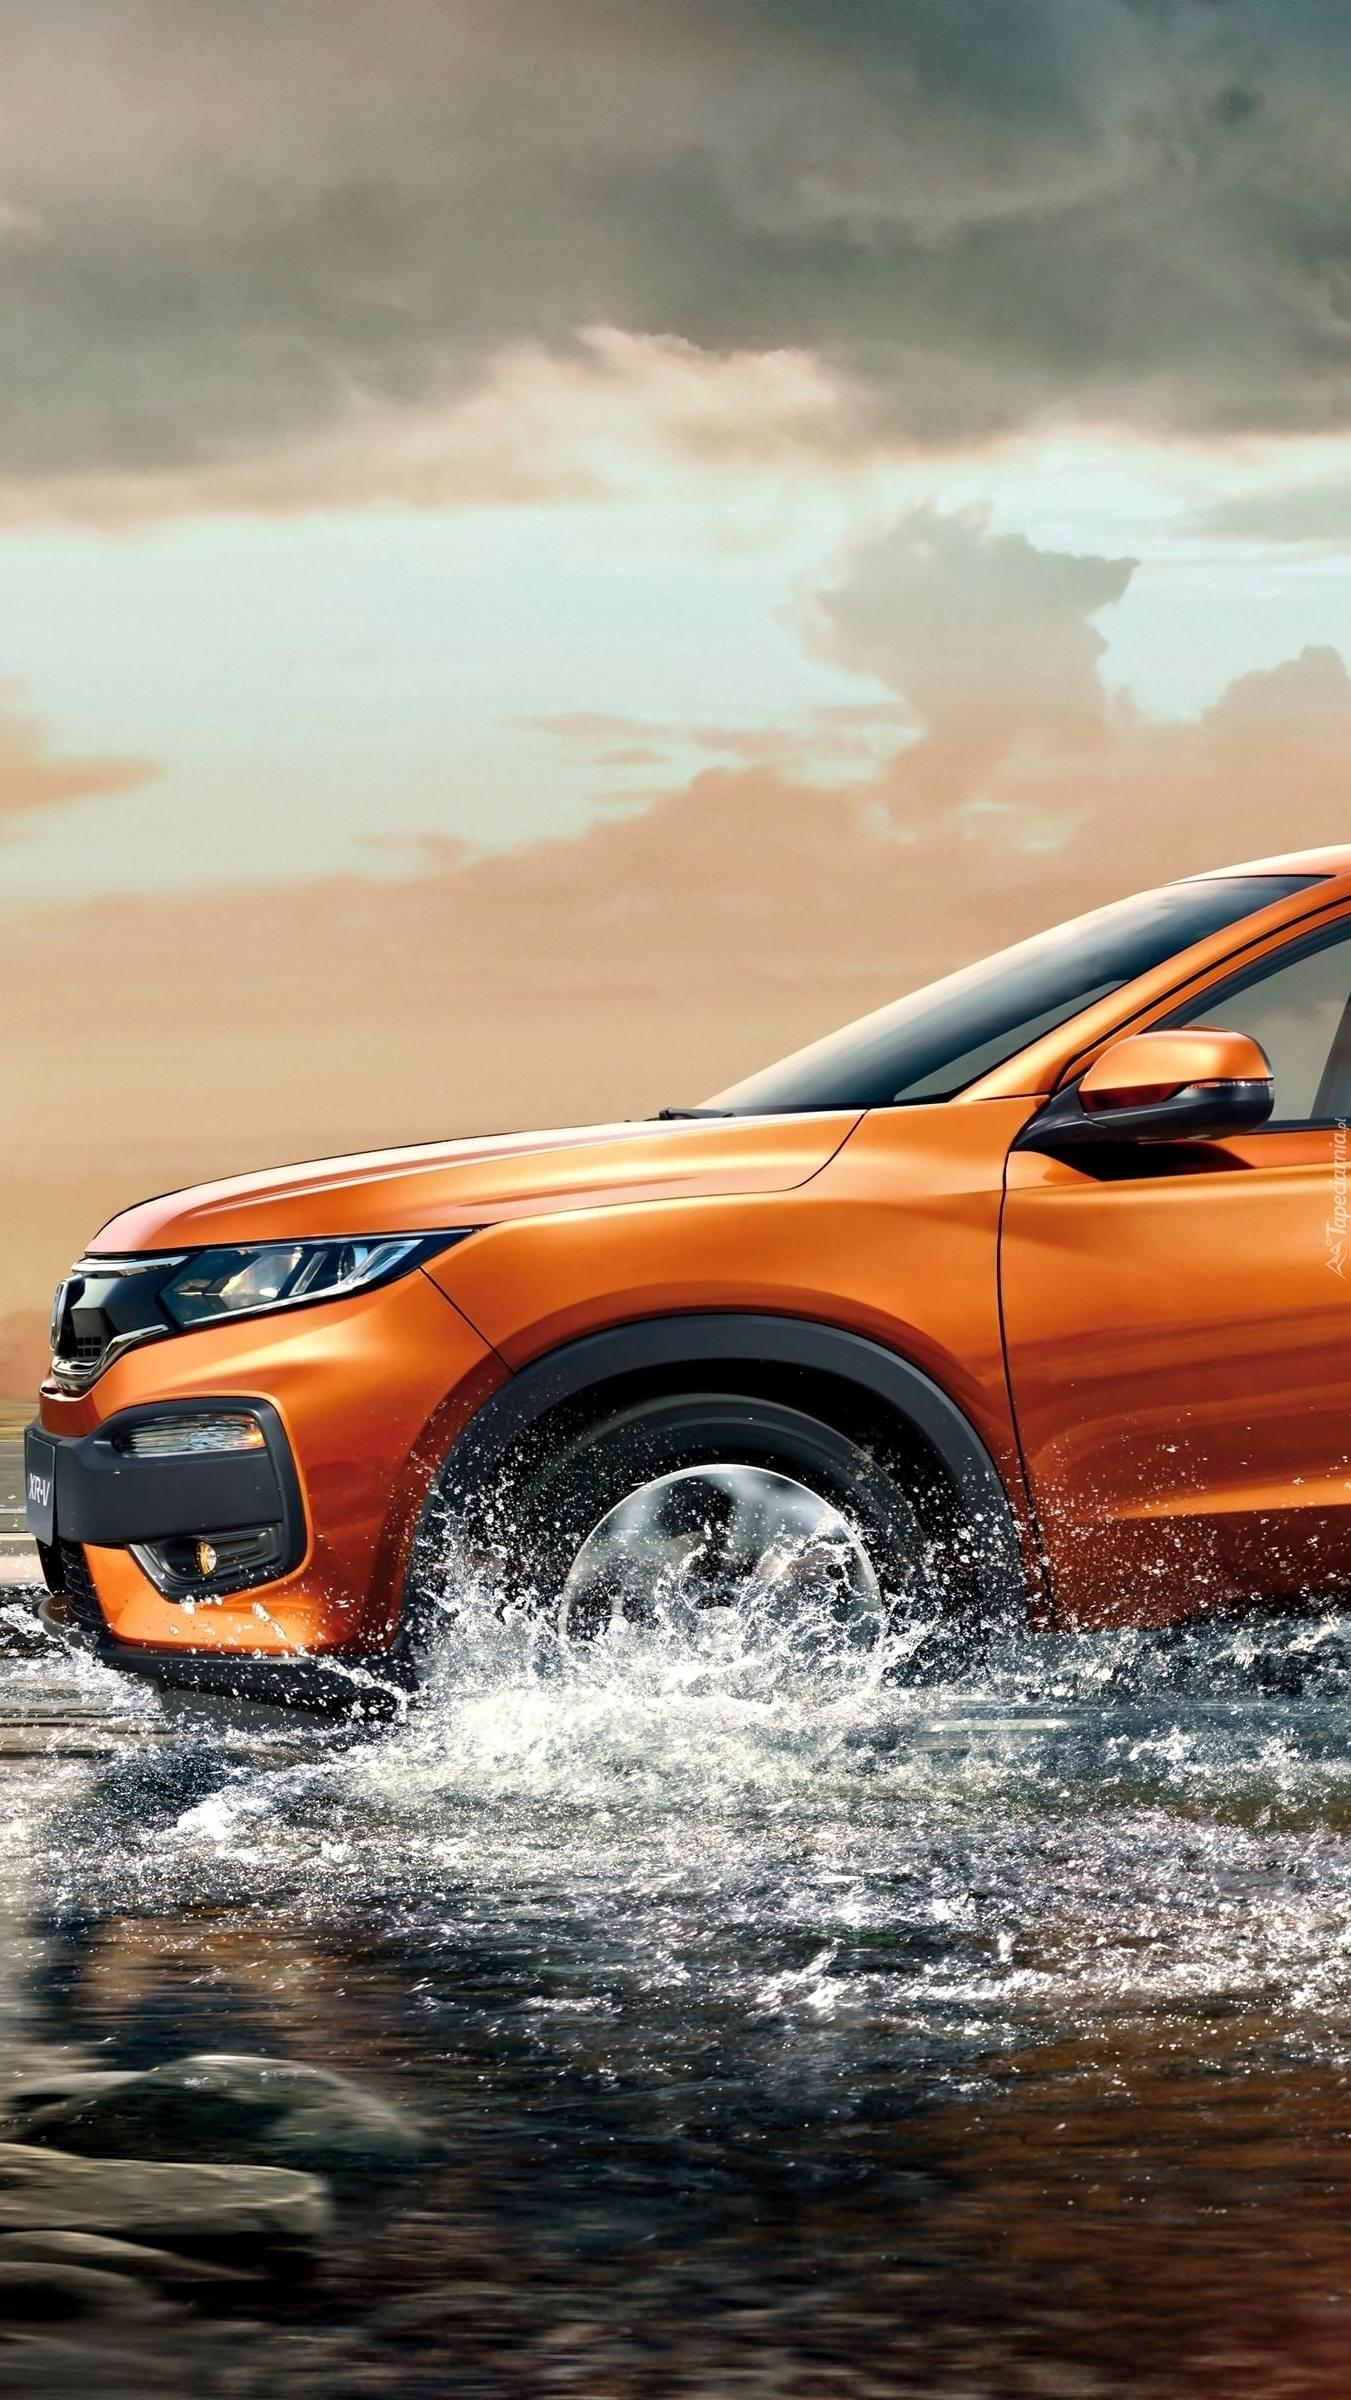 Honda XR-V przejeżdżająca przez wodę